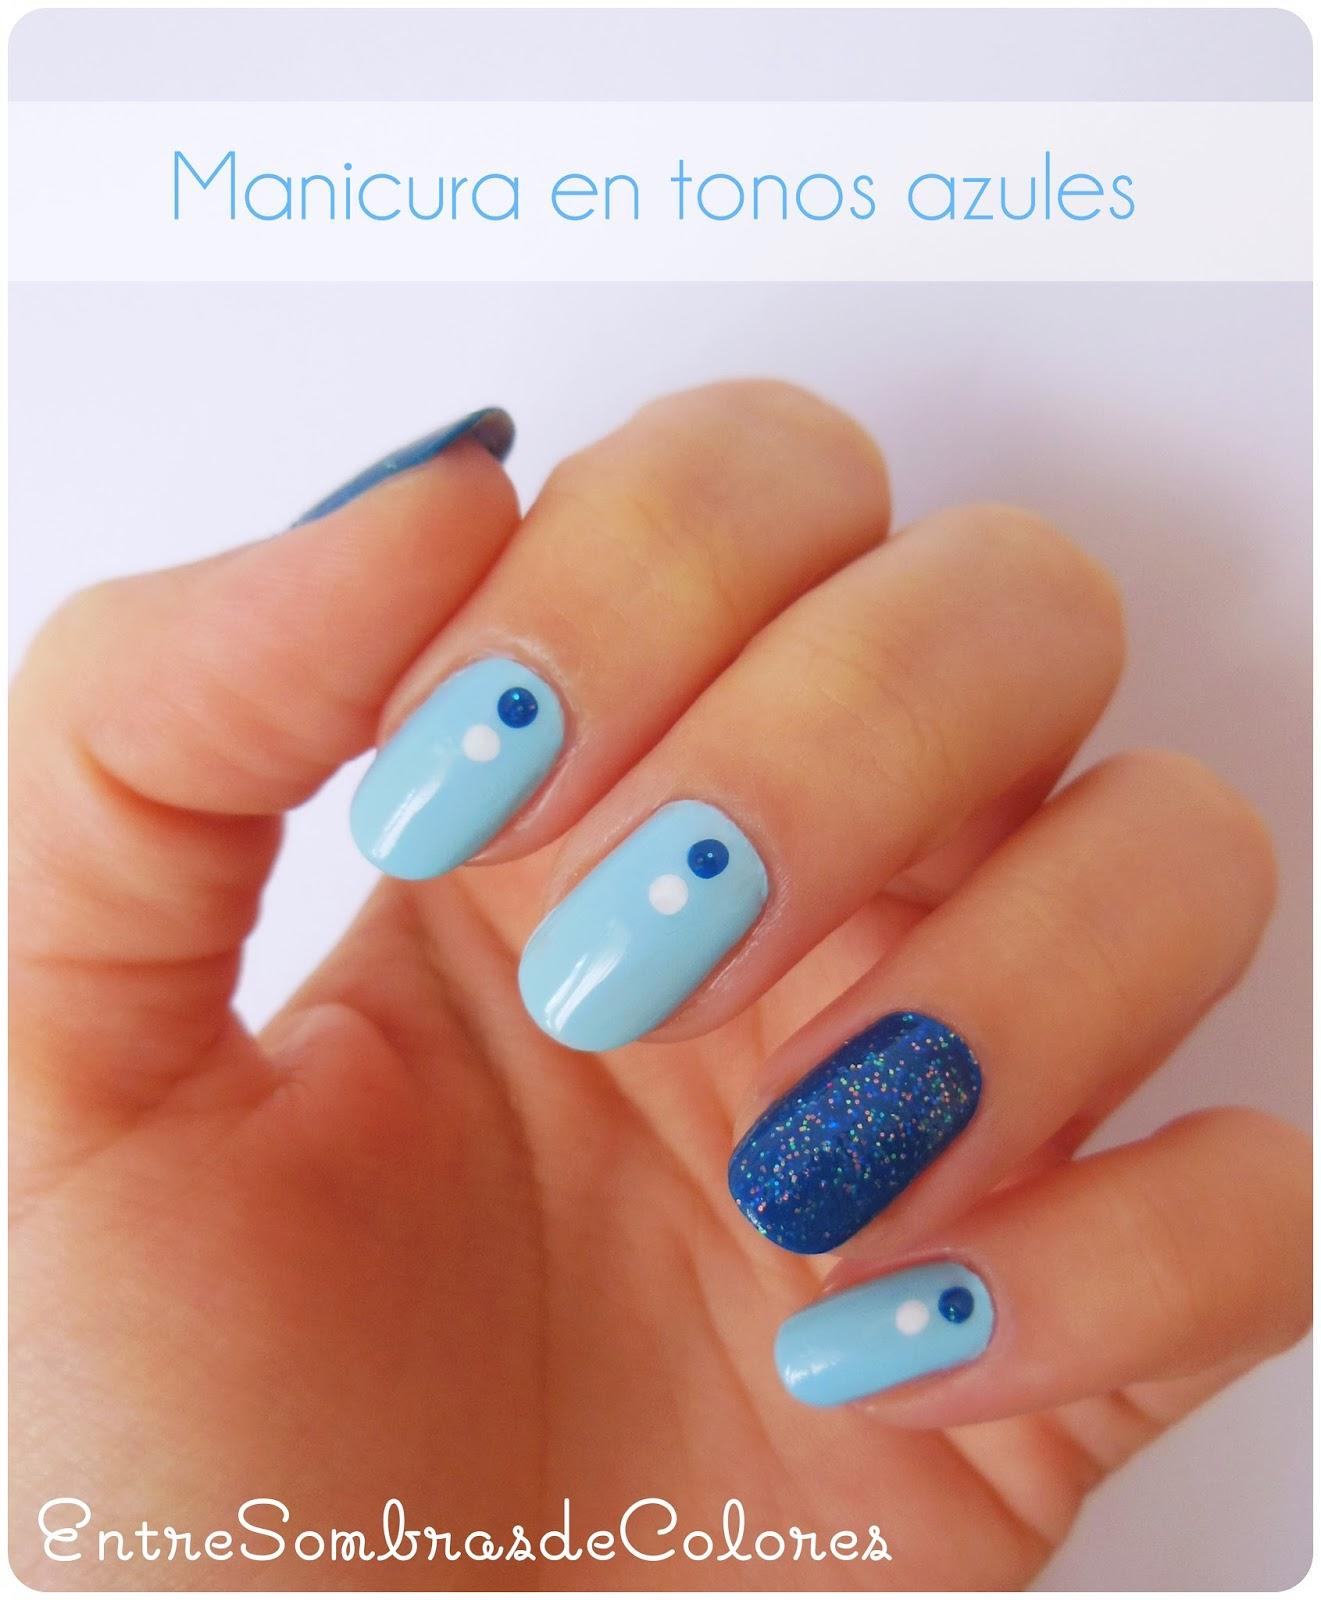 Entre sombras de colores manicura invernal en tonos azules - Tonos azules ...